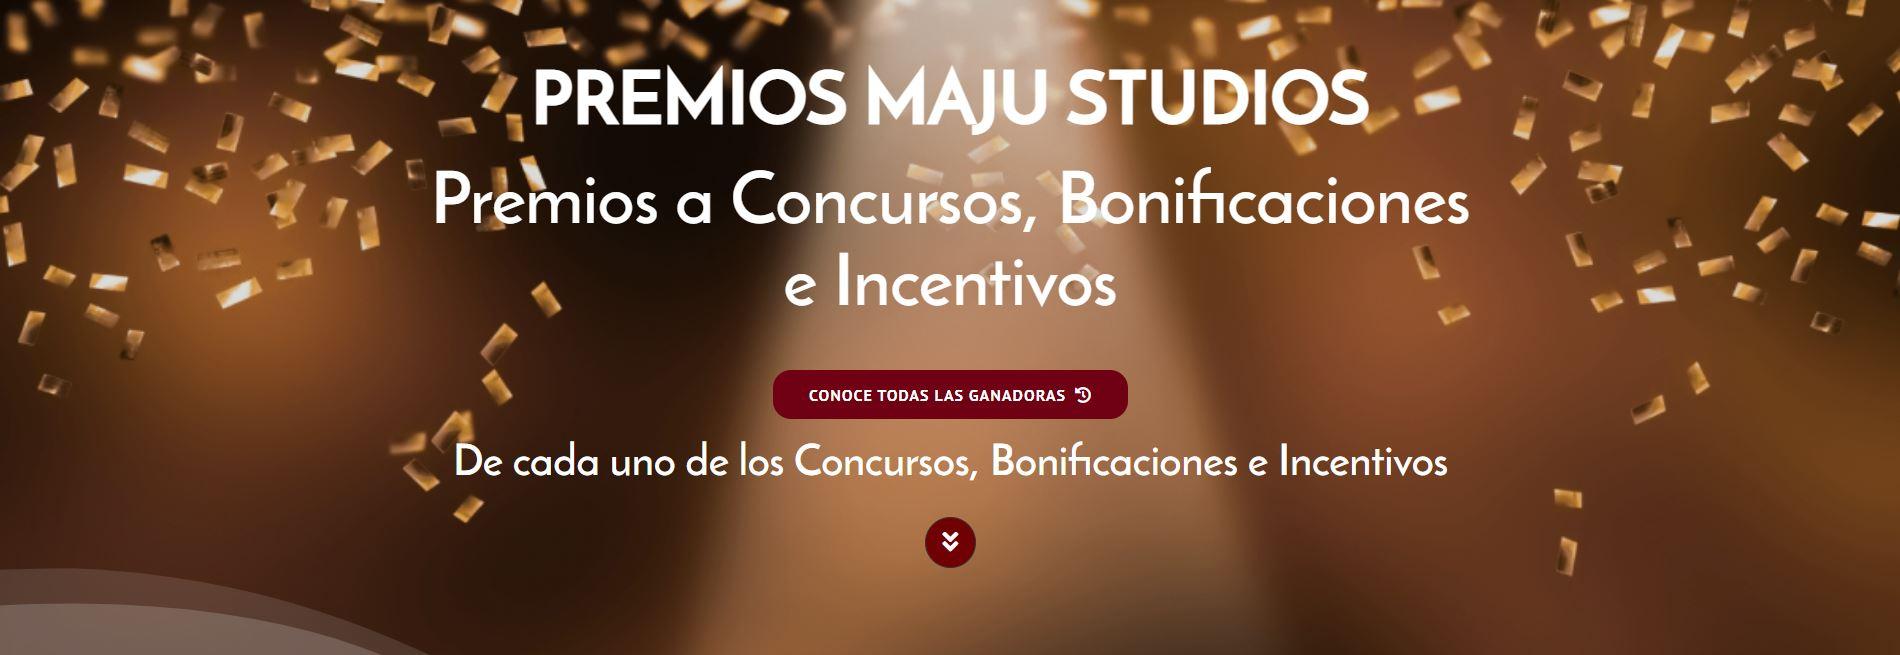 Premios MaJu Studios a Concursos y Bonificaciones